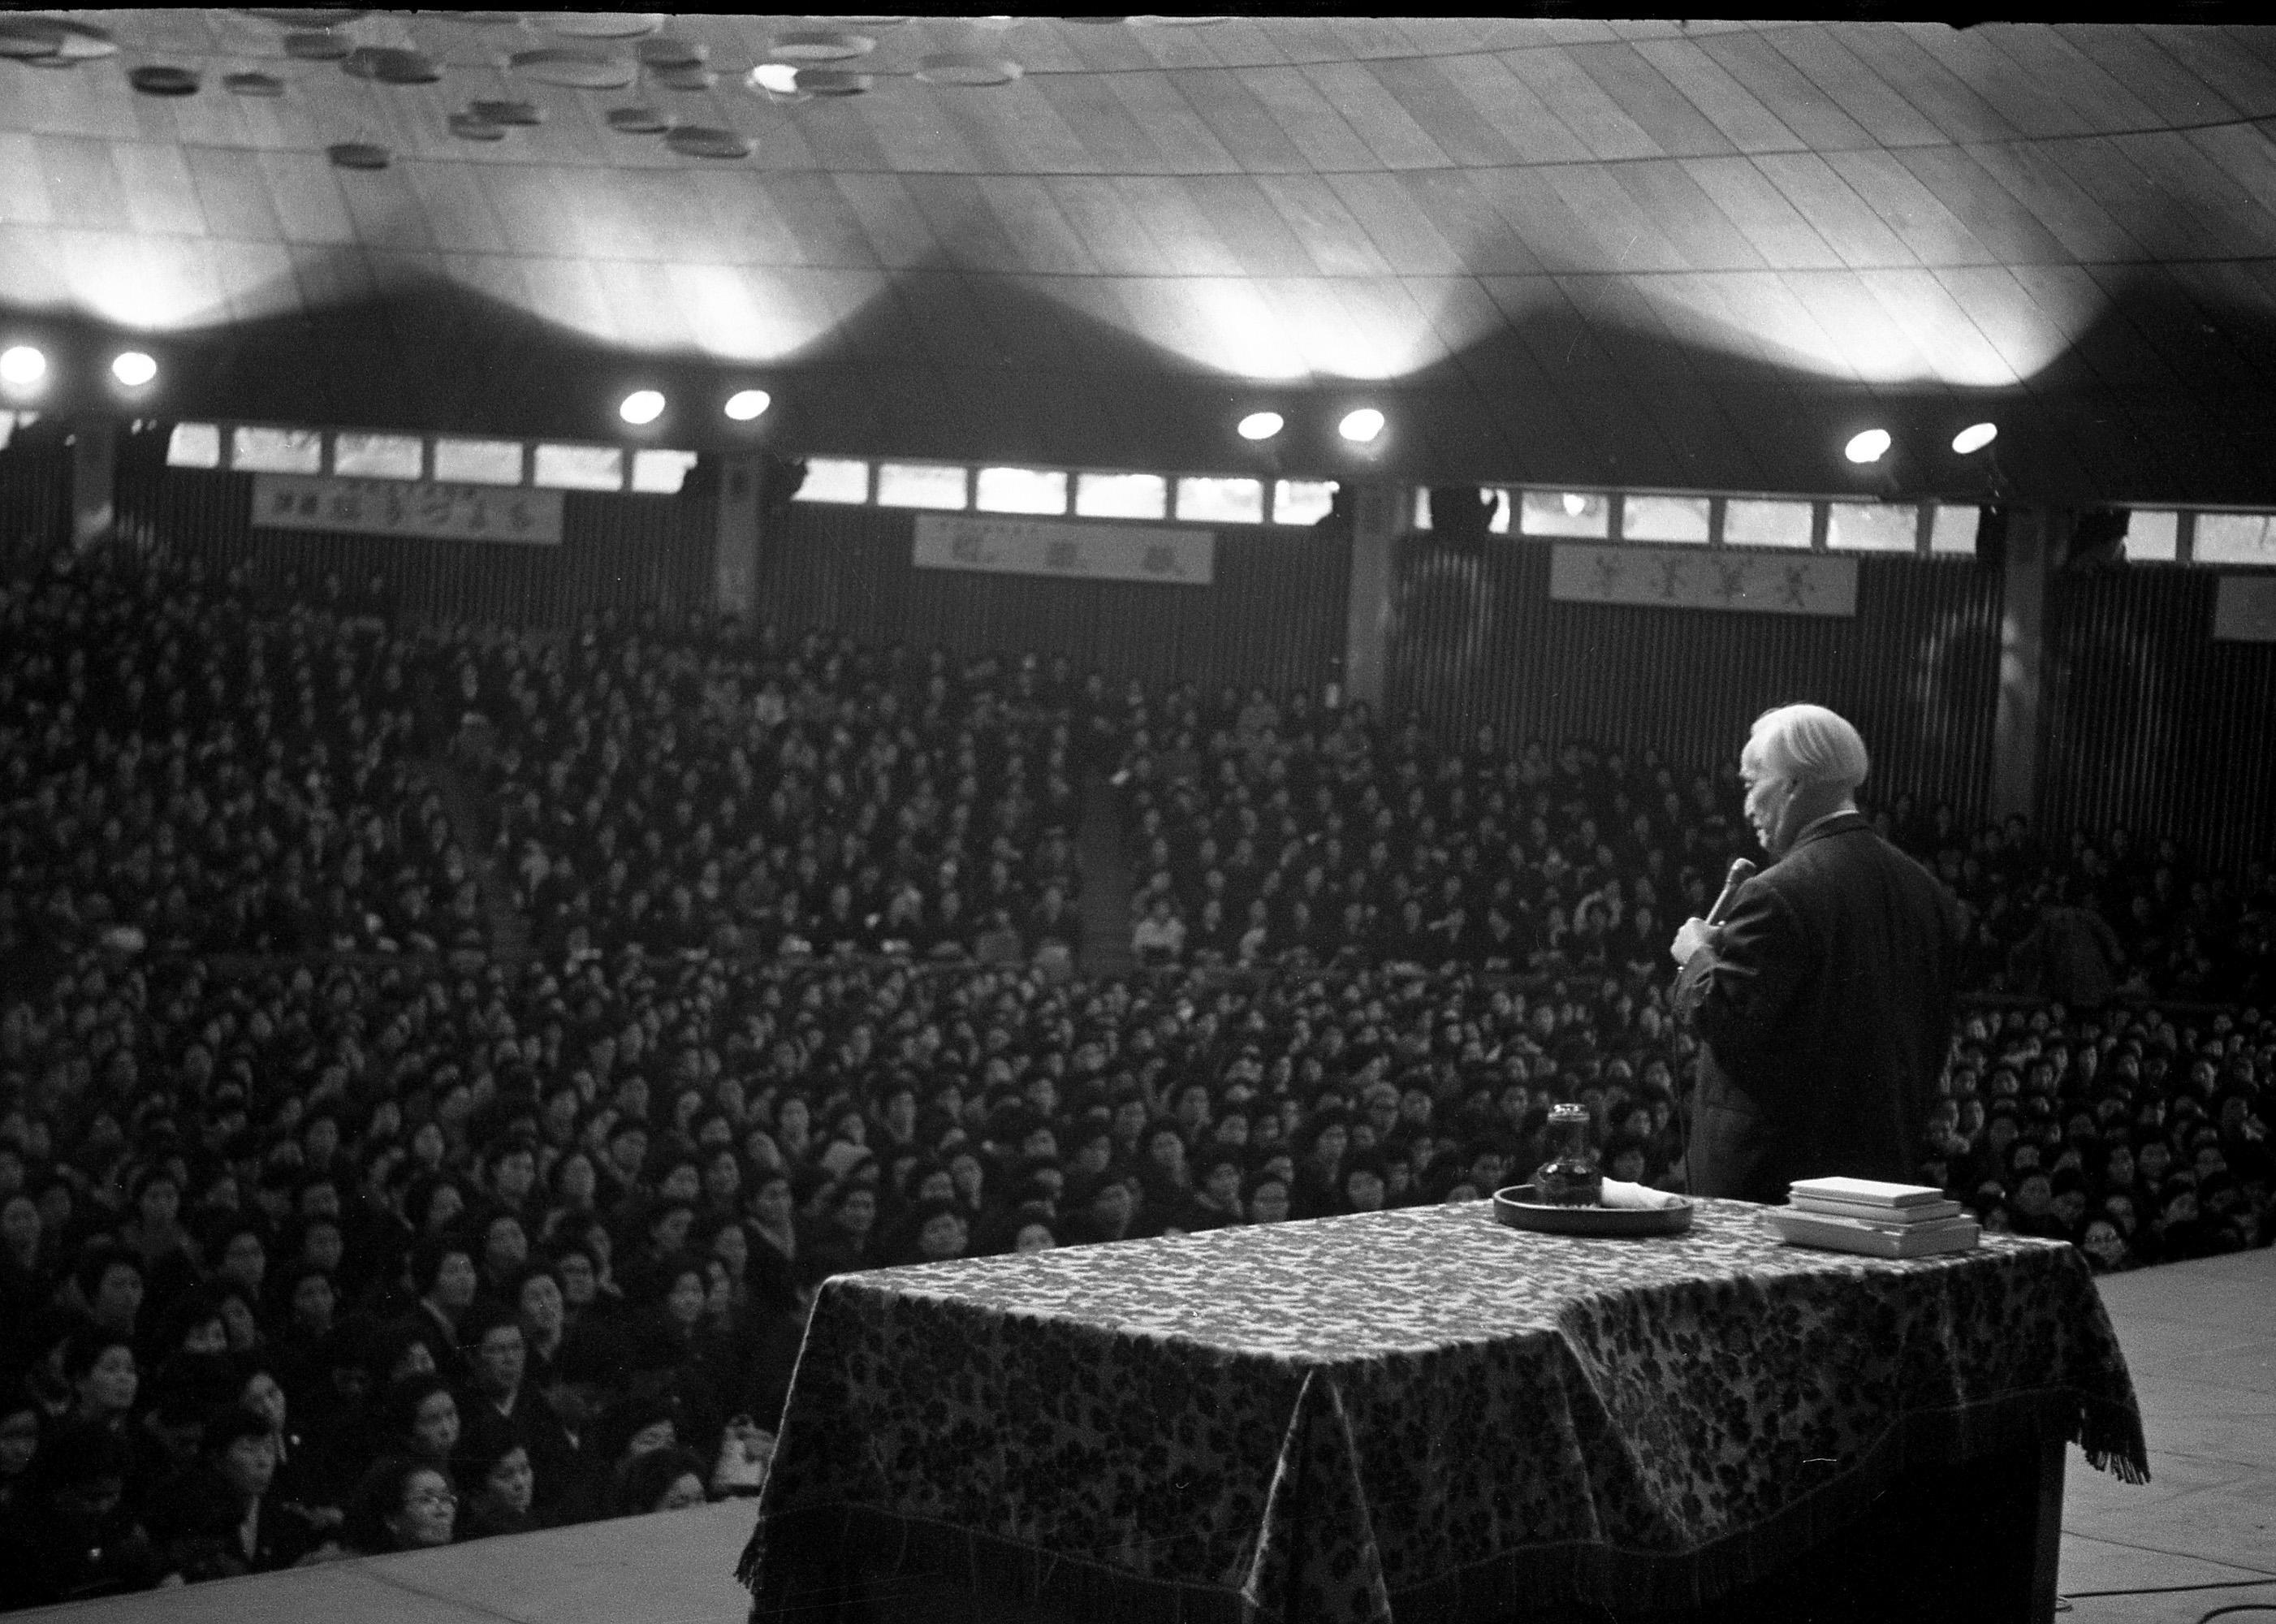 【玉川大学・玉川学園】全人教育提唱100年 9月12日(日)記念シンポジウムを開催 「全人教育の歴史と展望」をテーマに100年の歩みと未来を語る